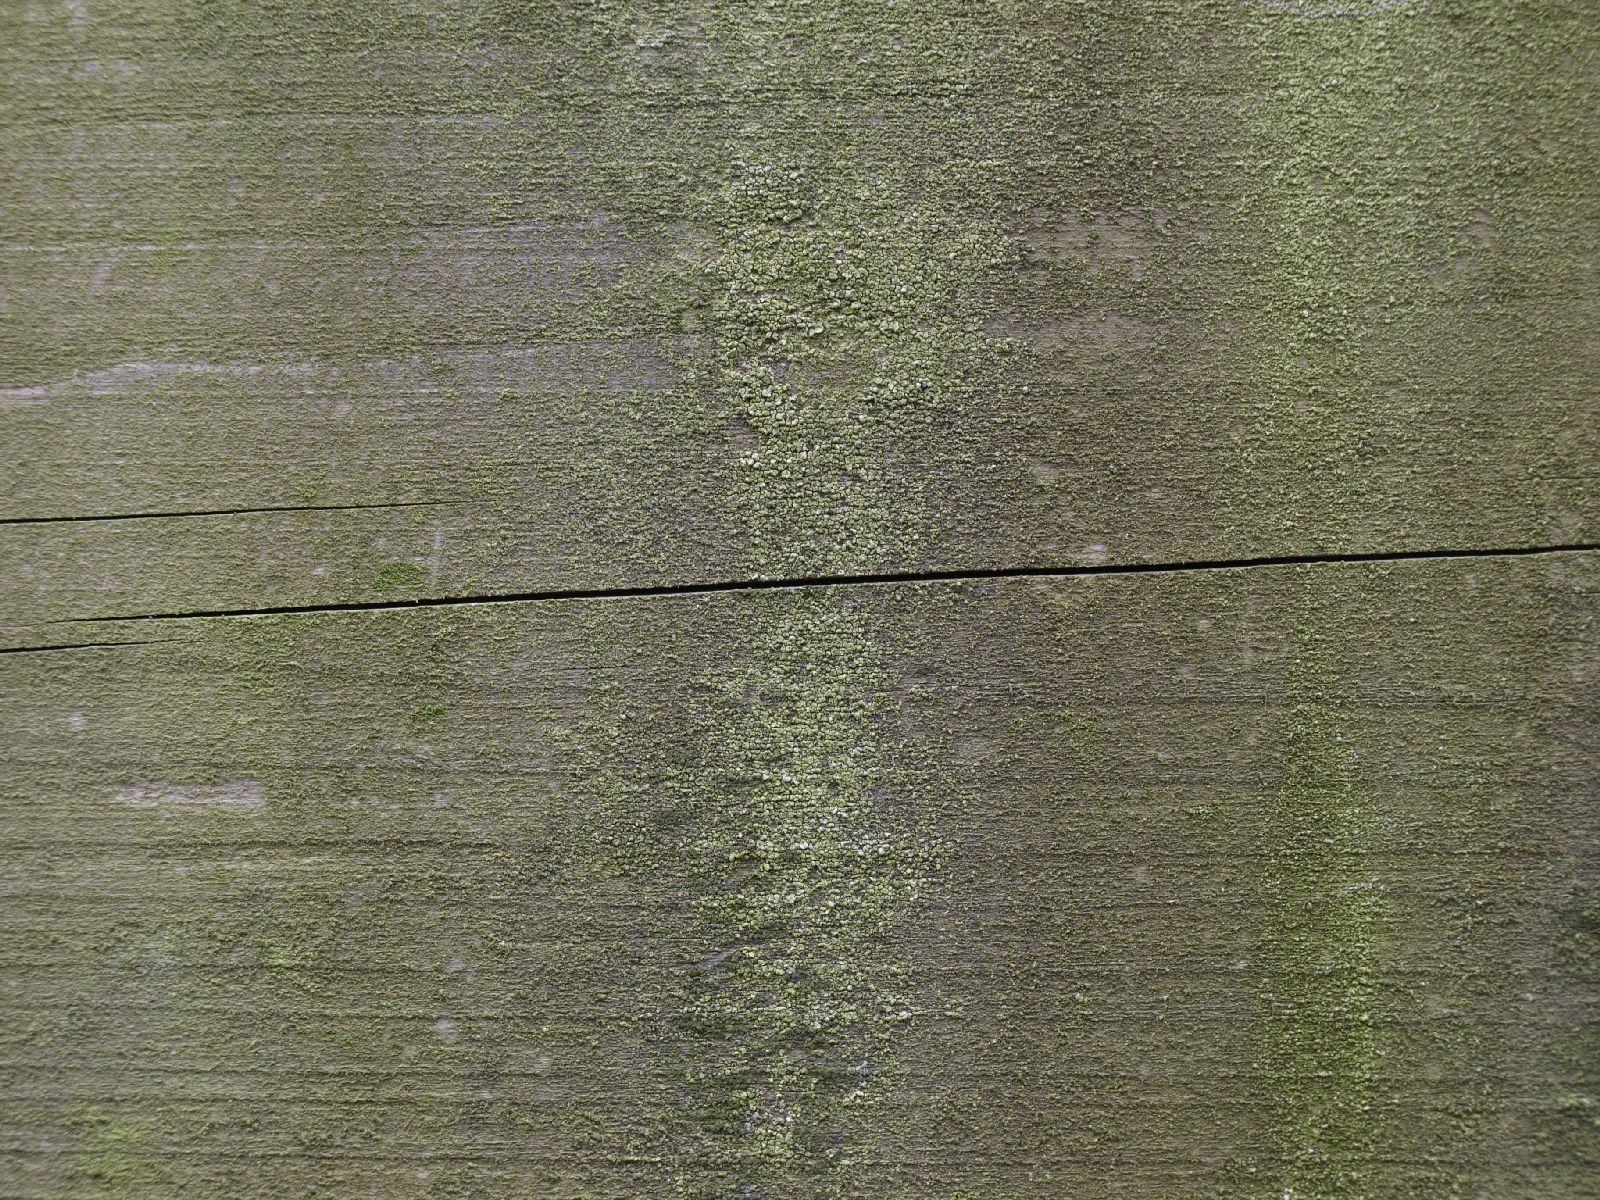 Holz_Textur_A_P2010343